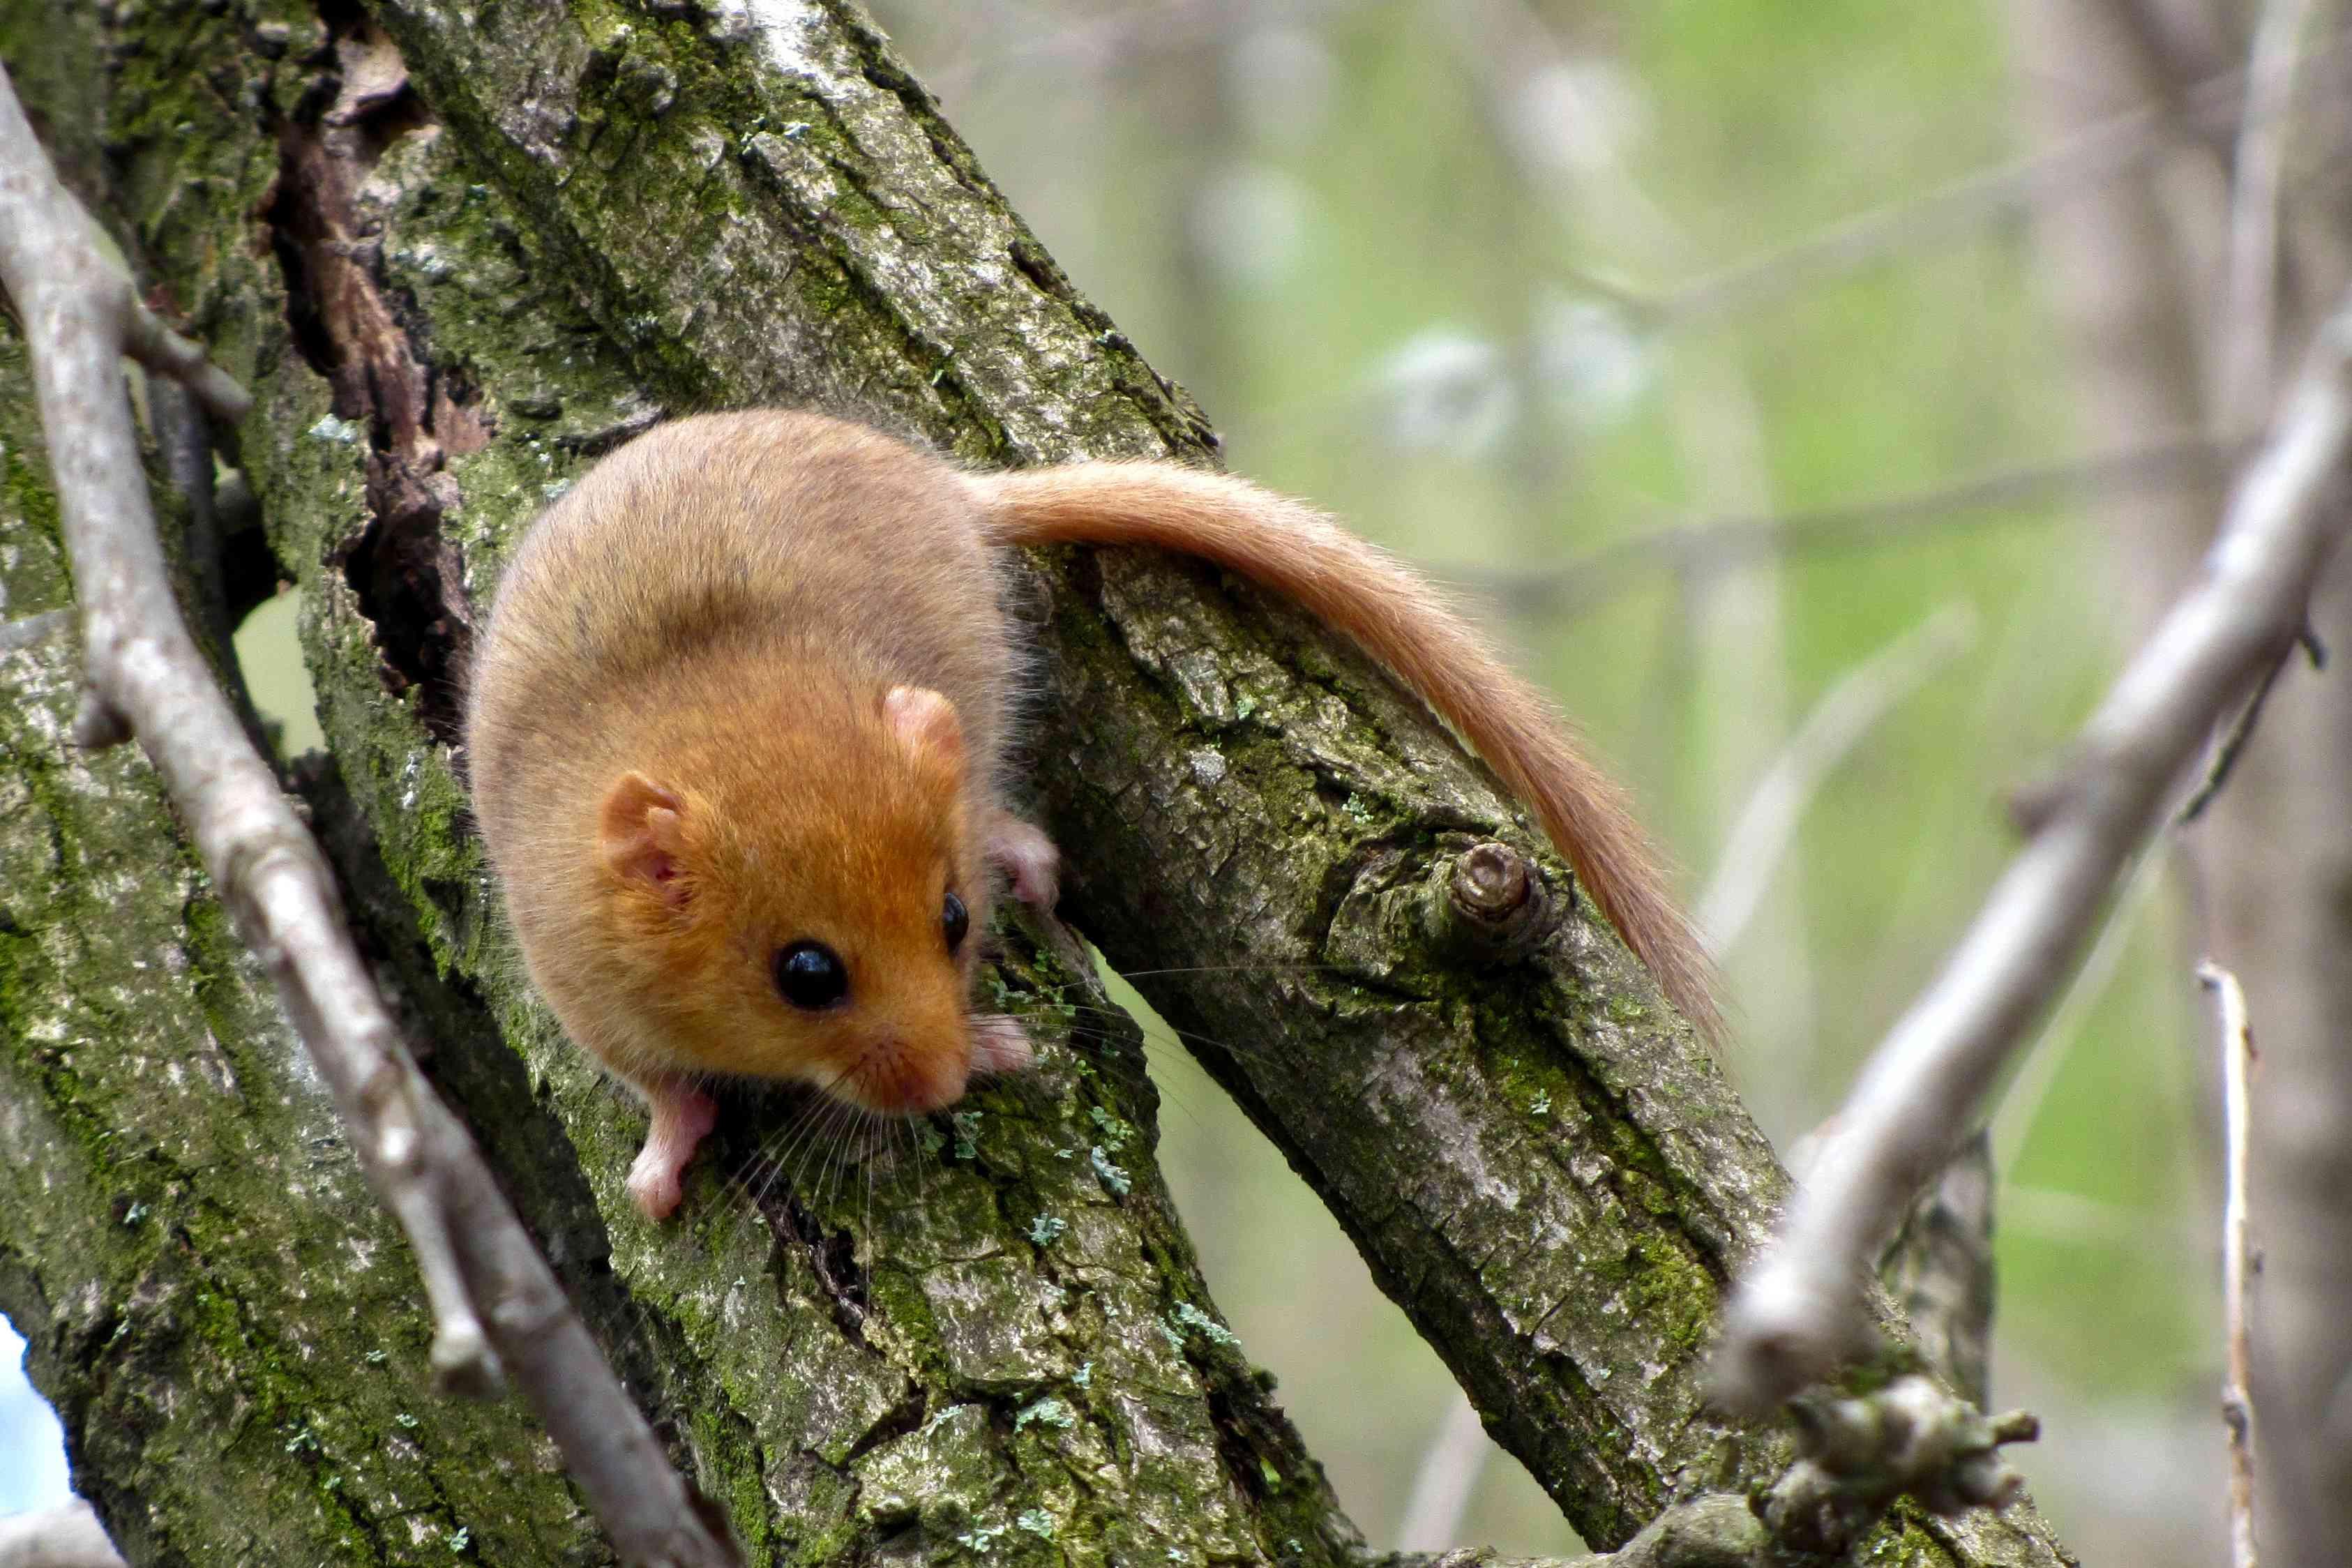 A Hazel Dormouse on a tree trunk.